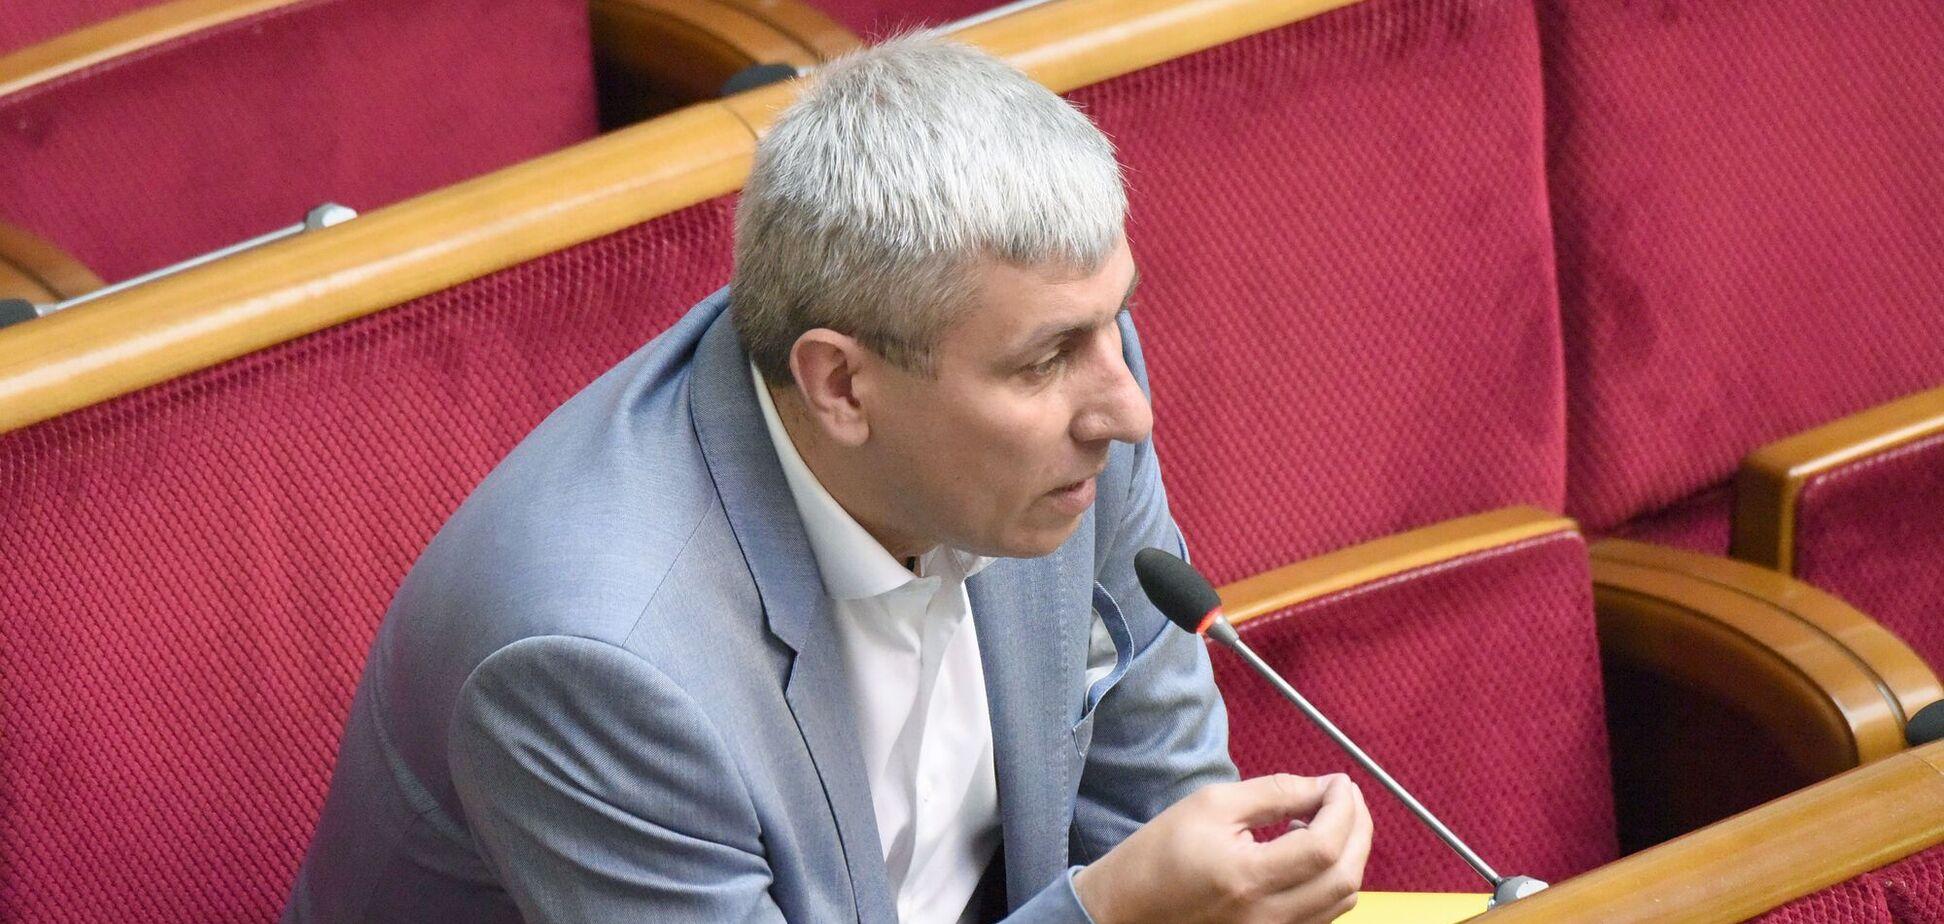 Заместитель мэра Кривого РогаАндрей Гальченко